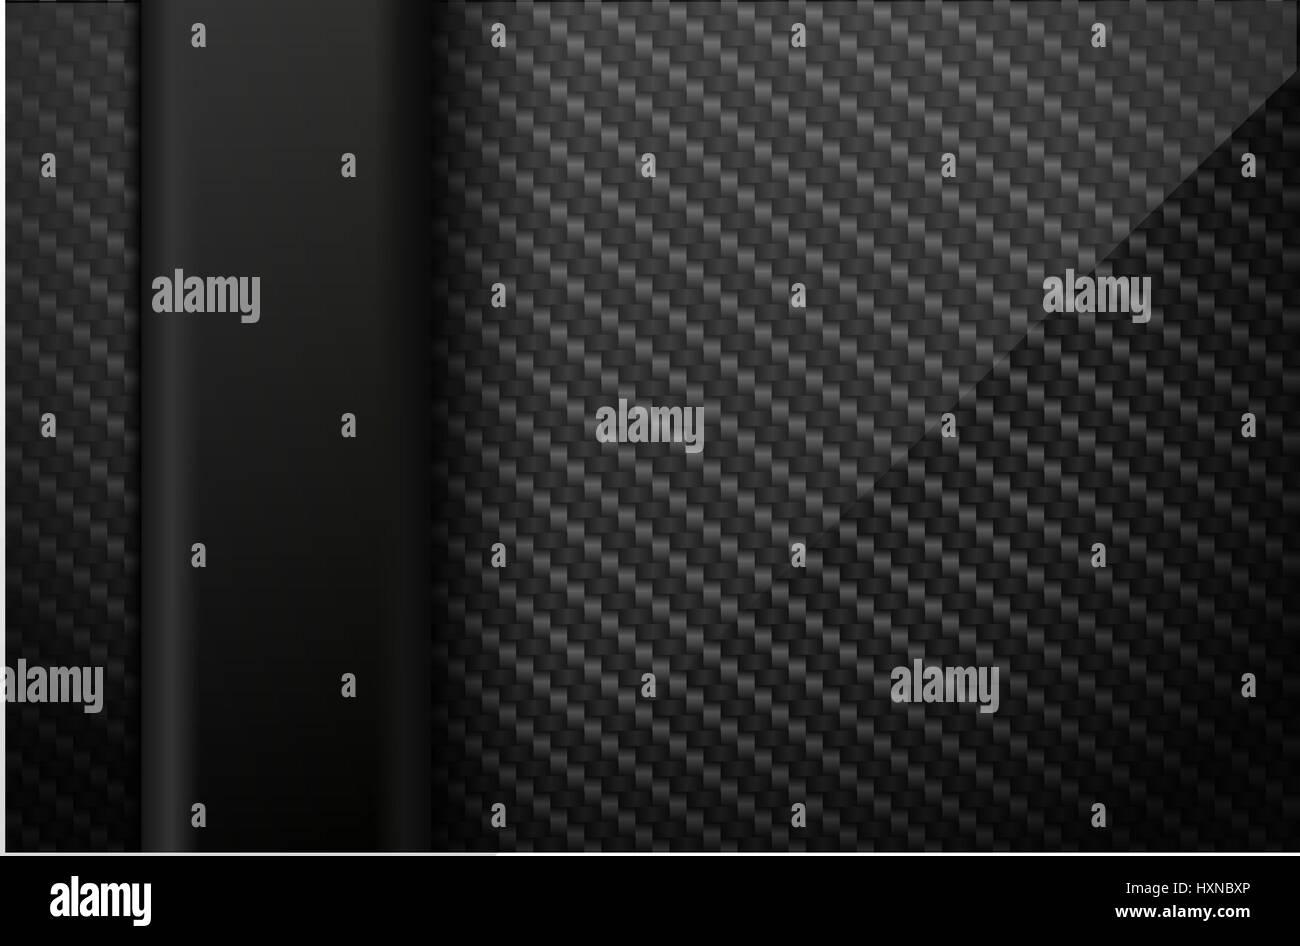 Vector black carbon fiber background with dark vertical plastic line element. Industrial design illustration. - Stock Image